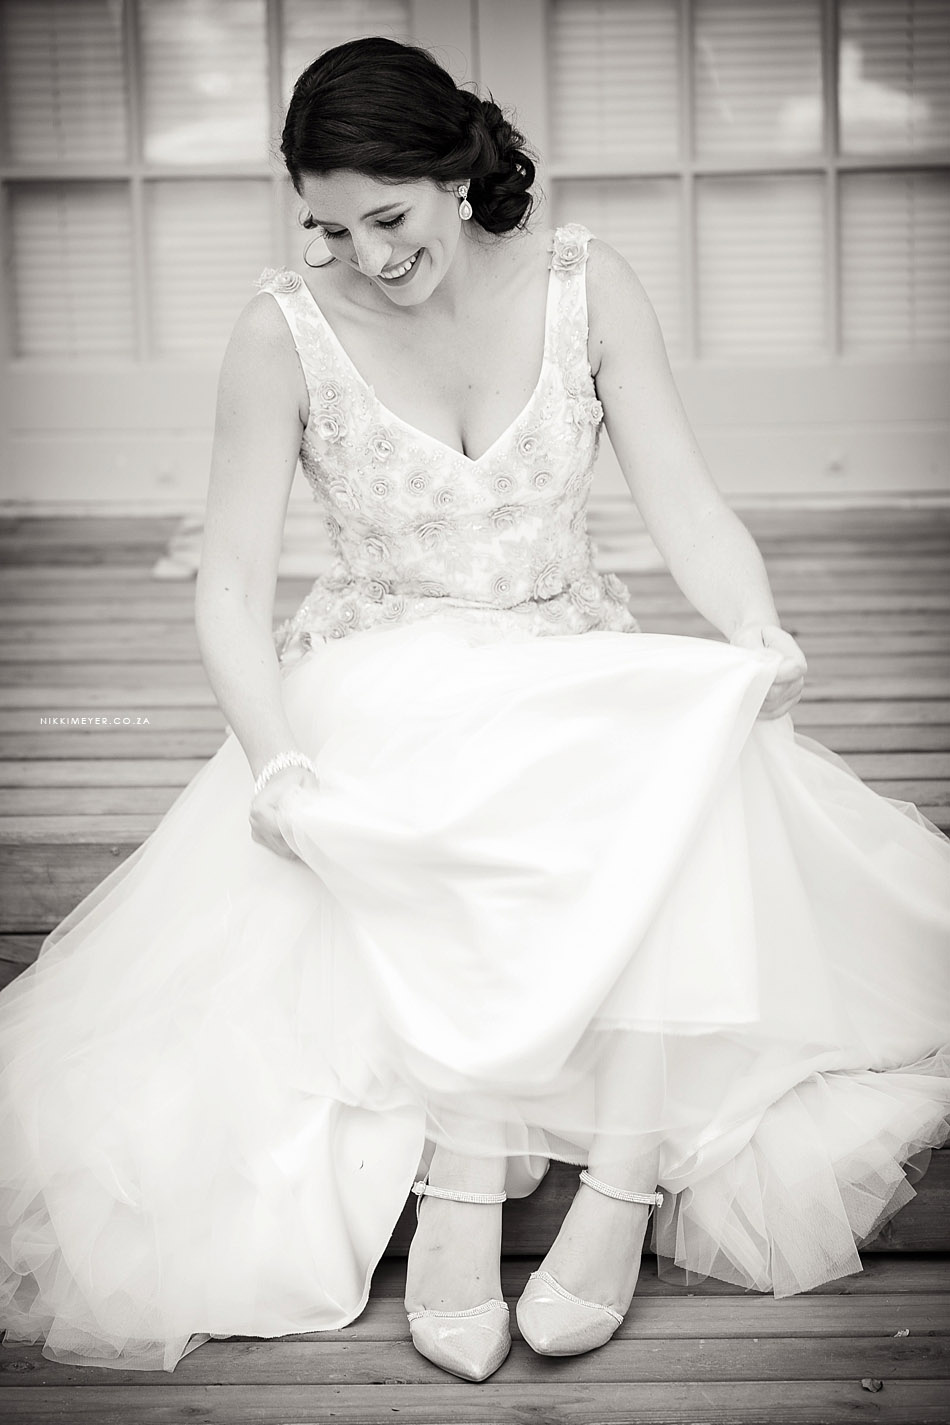 nikki_meyer_kleinevalleij_boland_wedding_photographer_013